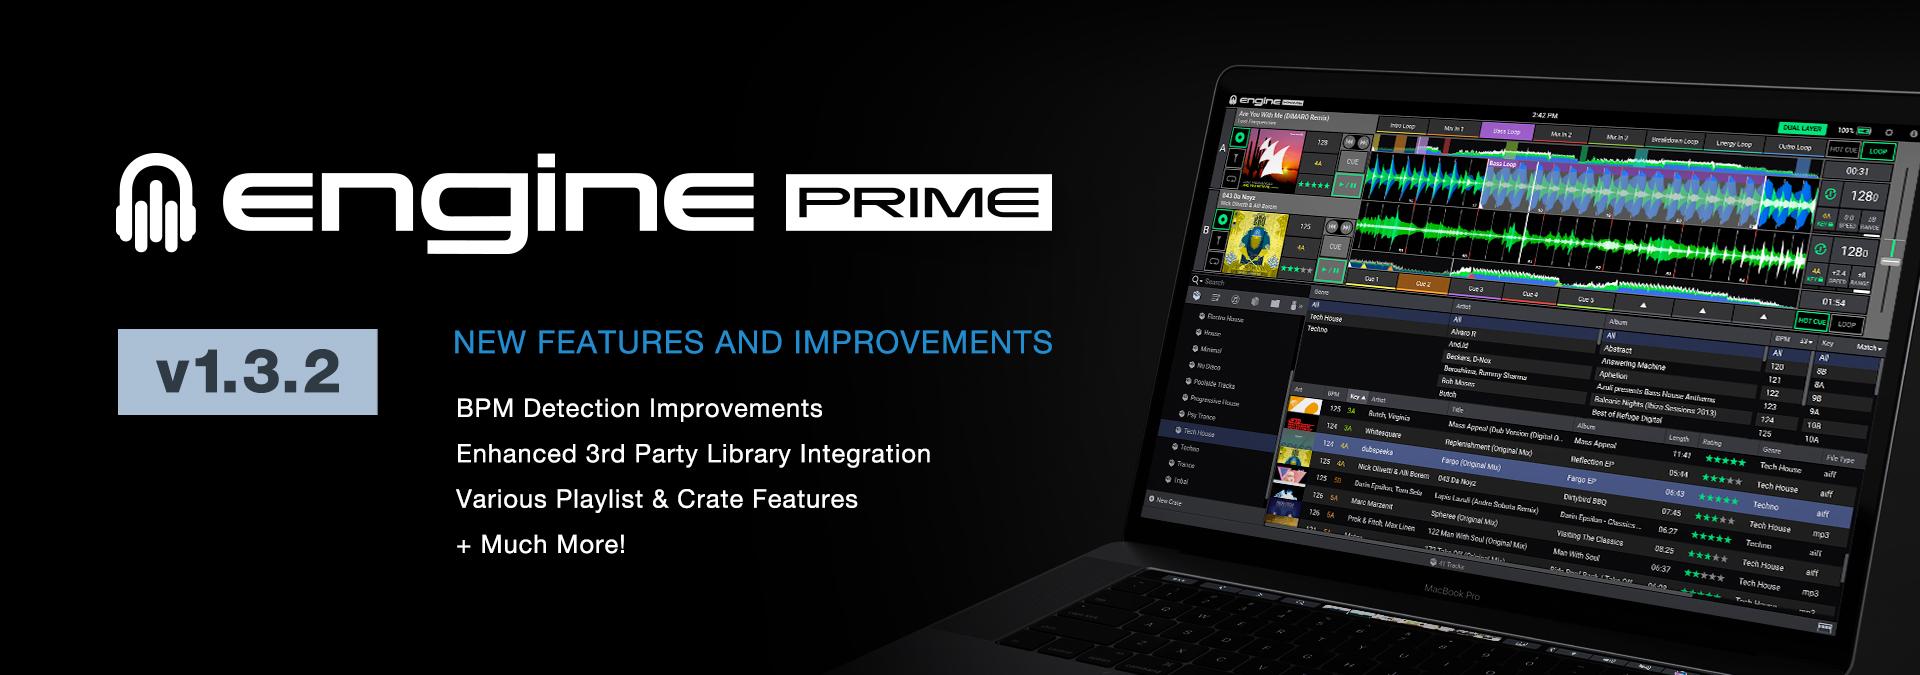 Engine Prime v1.3.2 Update